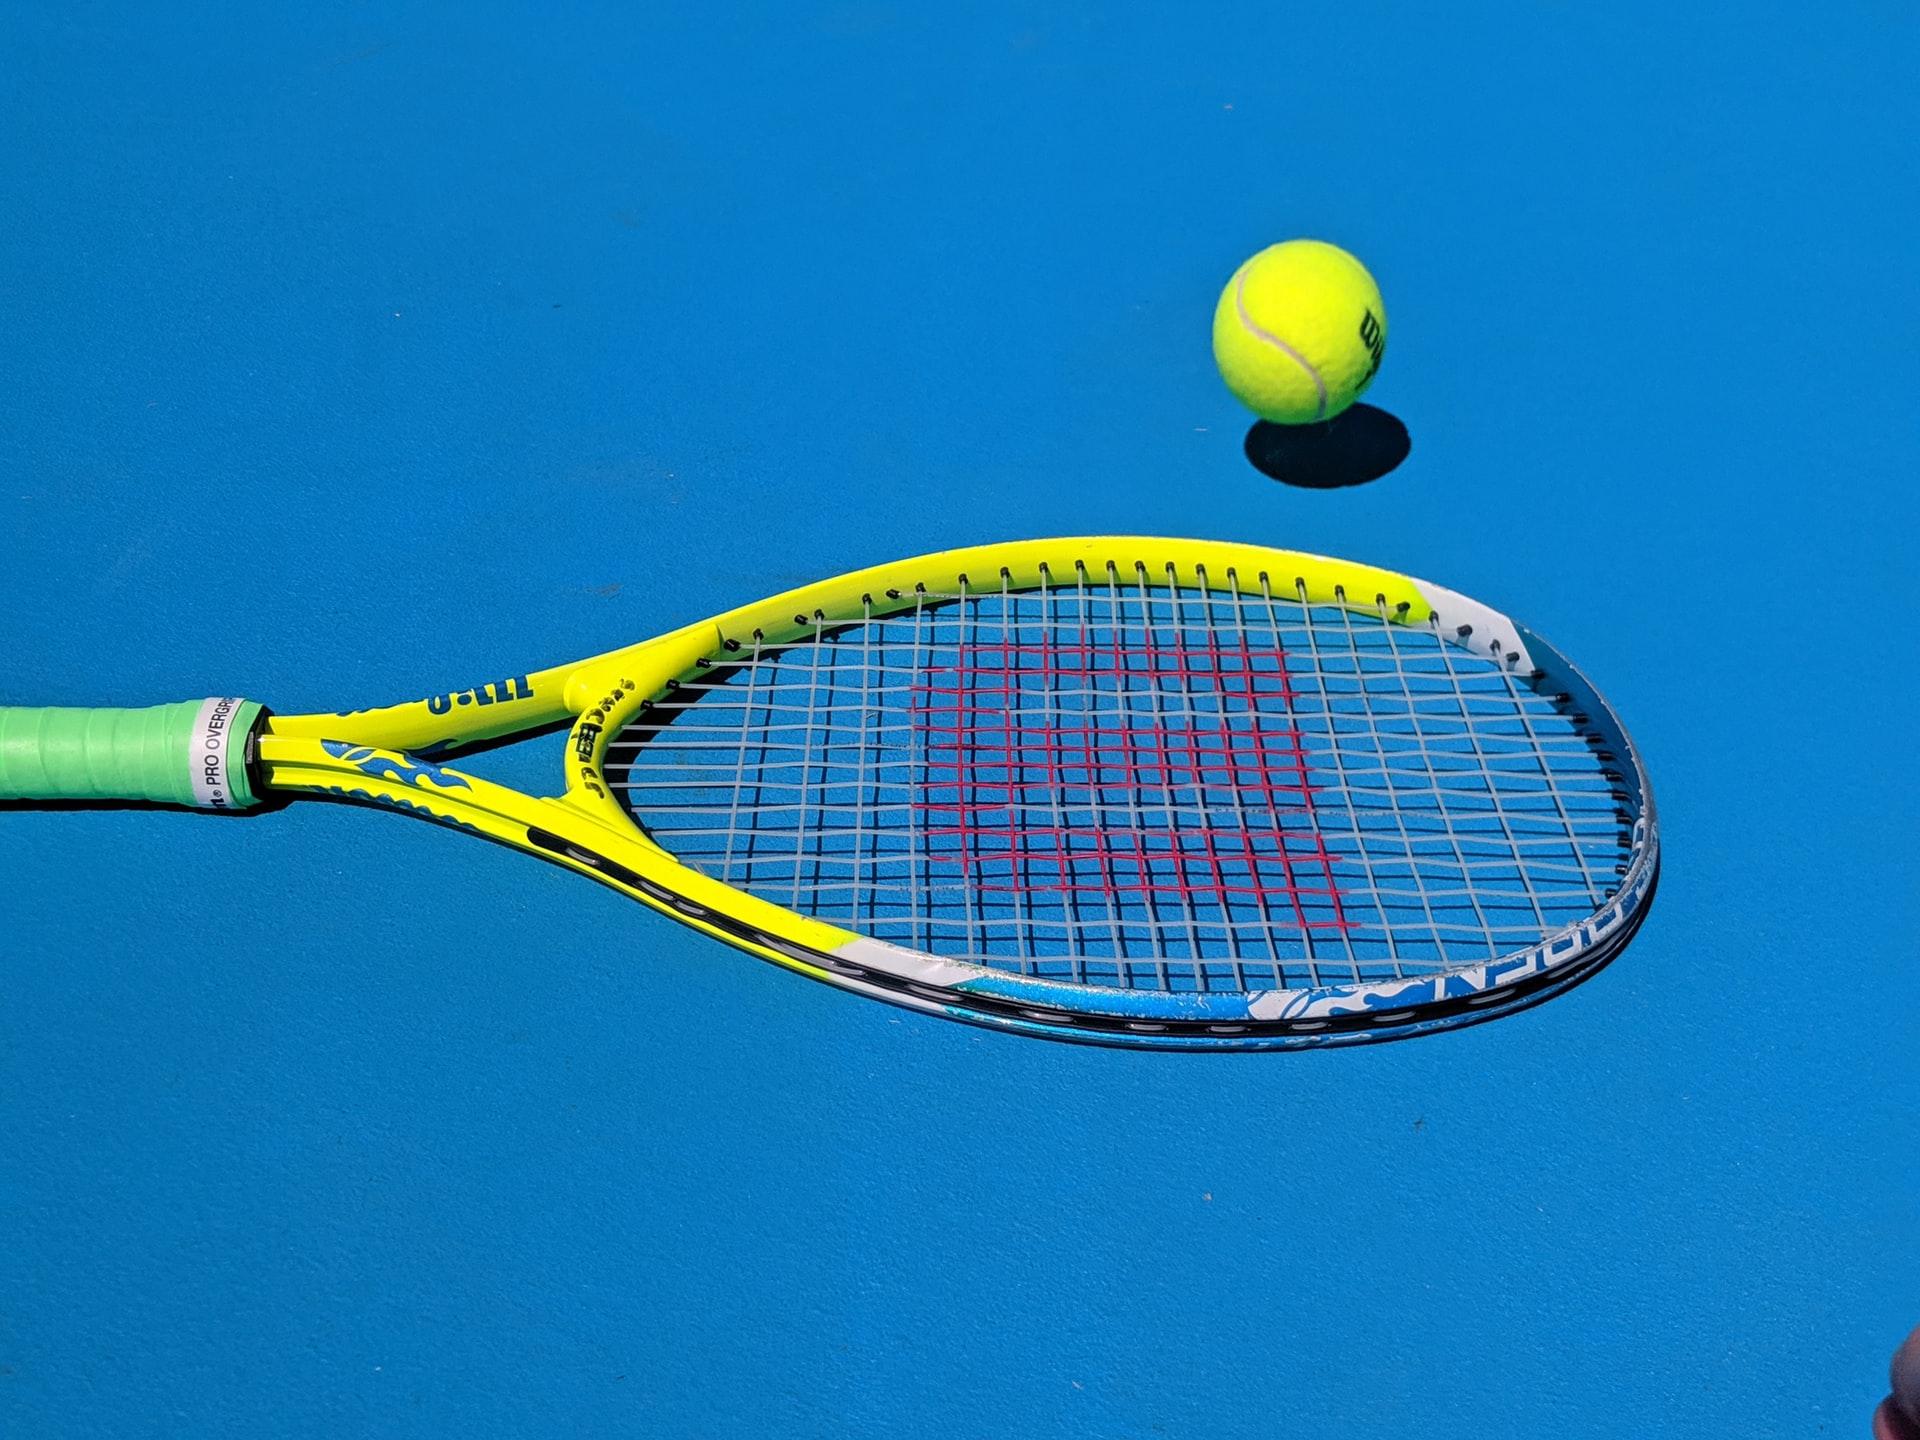 Tennisschlaeger und Ball auf blauem Platz